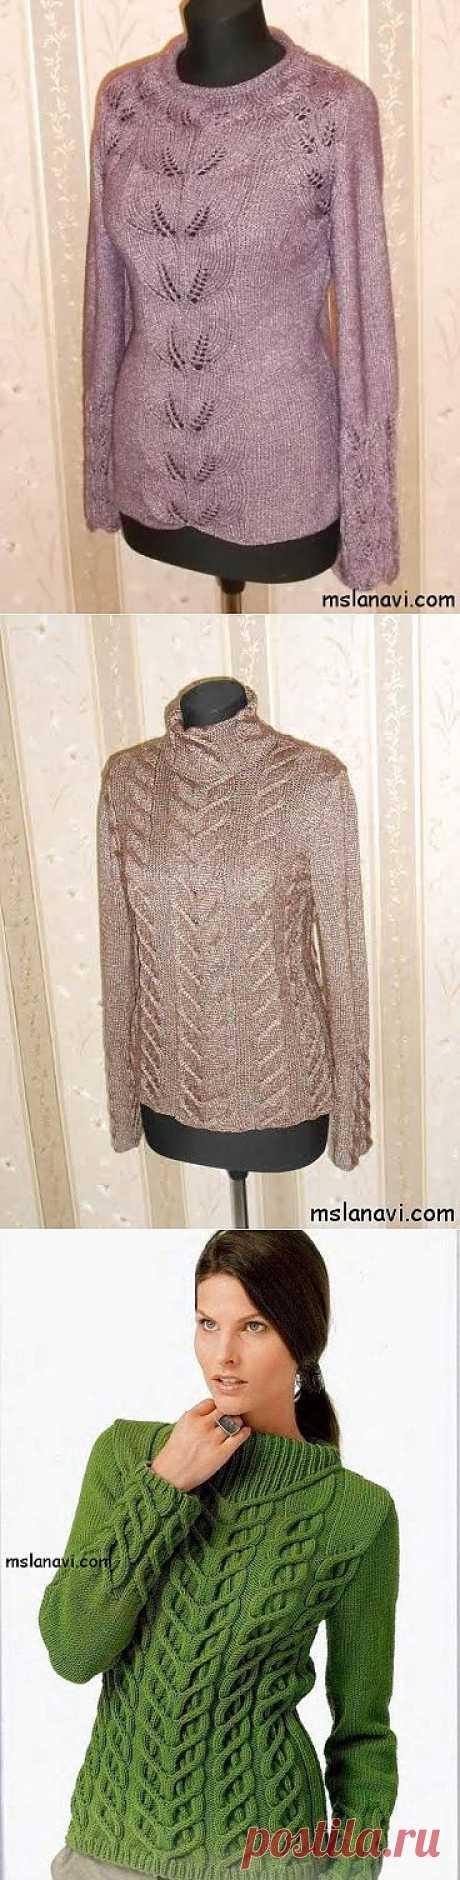 Пуловеры и жакет от Аллы Стожаровой